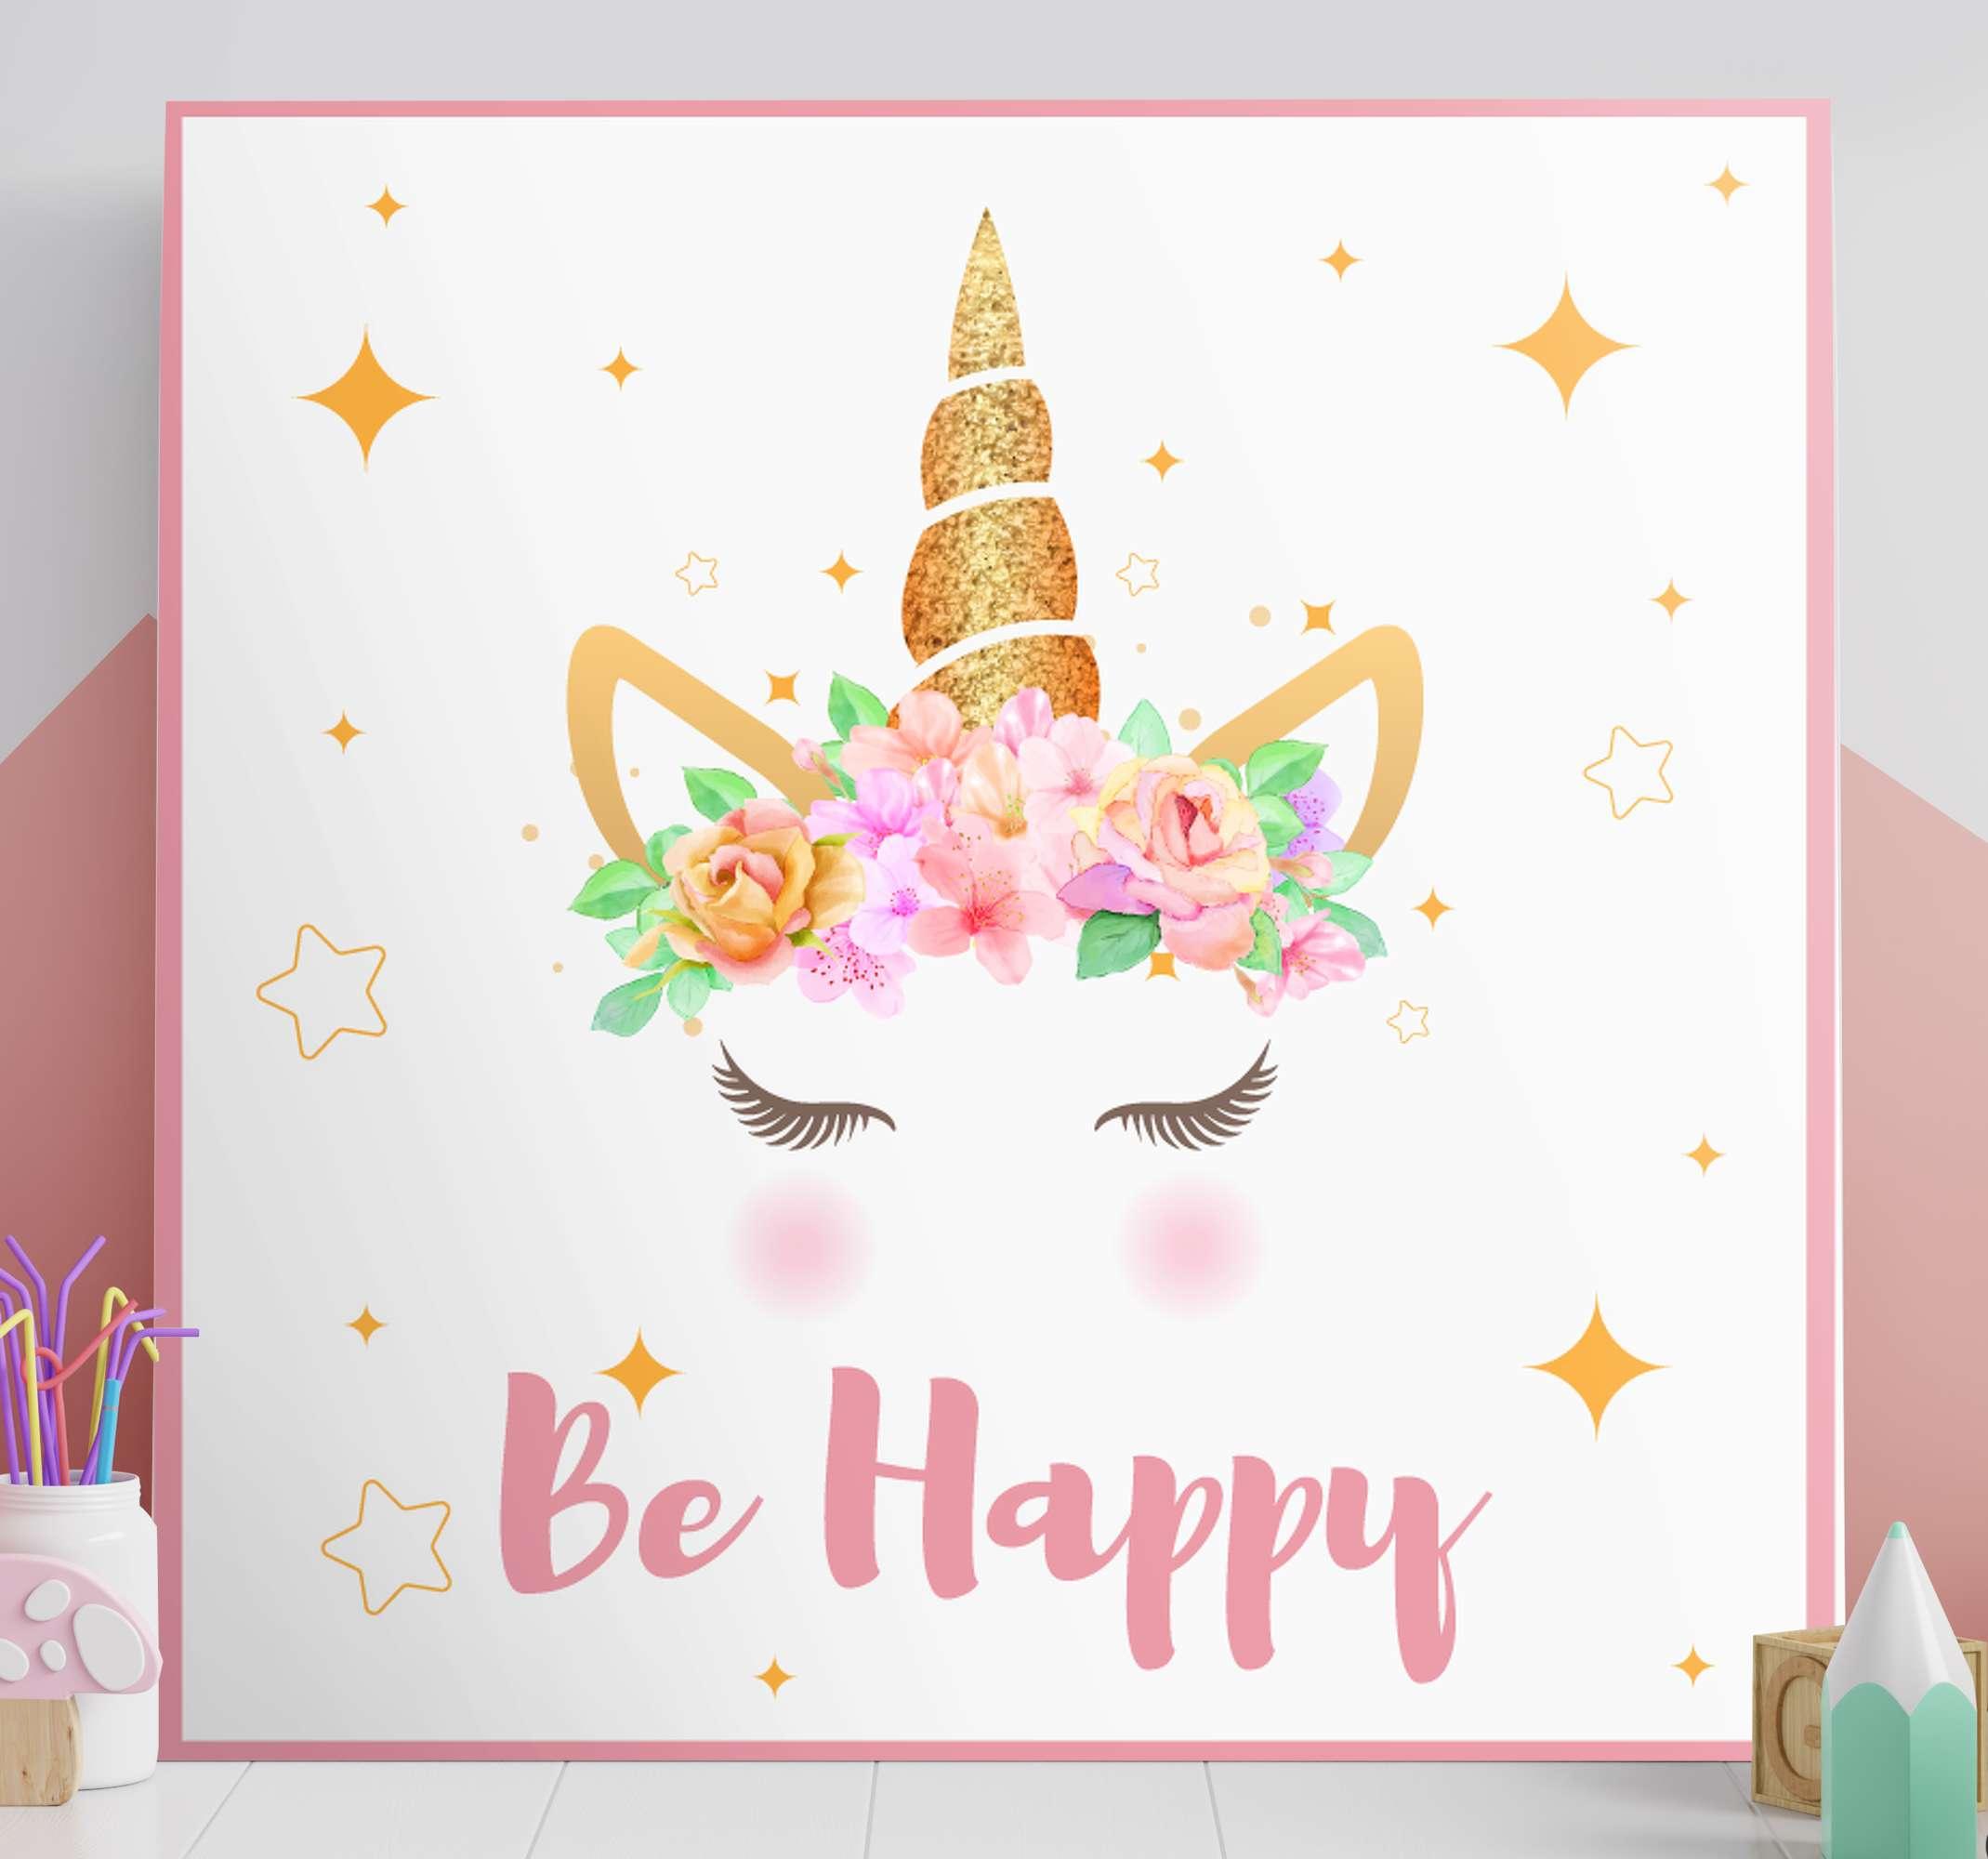 TenStickers. Canvas schilder eenhoorn be happy. Kleurrijke, leuke en vrolijke be happy canvas schilderij voor kinderen. Een ontwerp op canvas dat de hoorn van een eenhoorn illustreert met een lachend gezicht, bloemen en sterren.